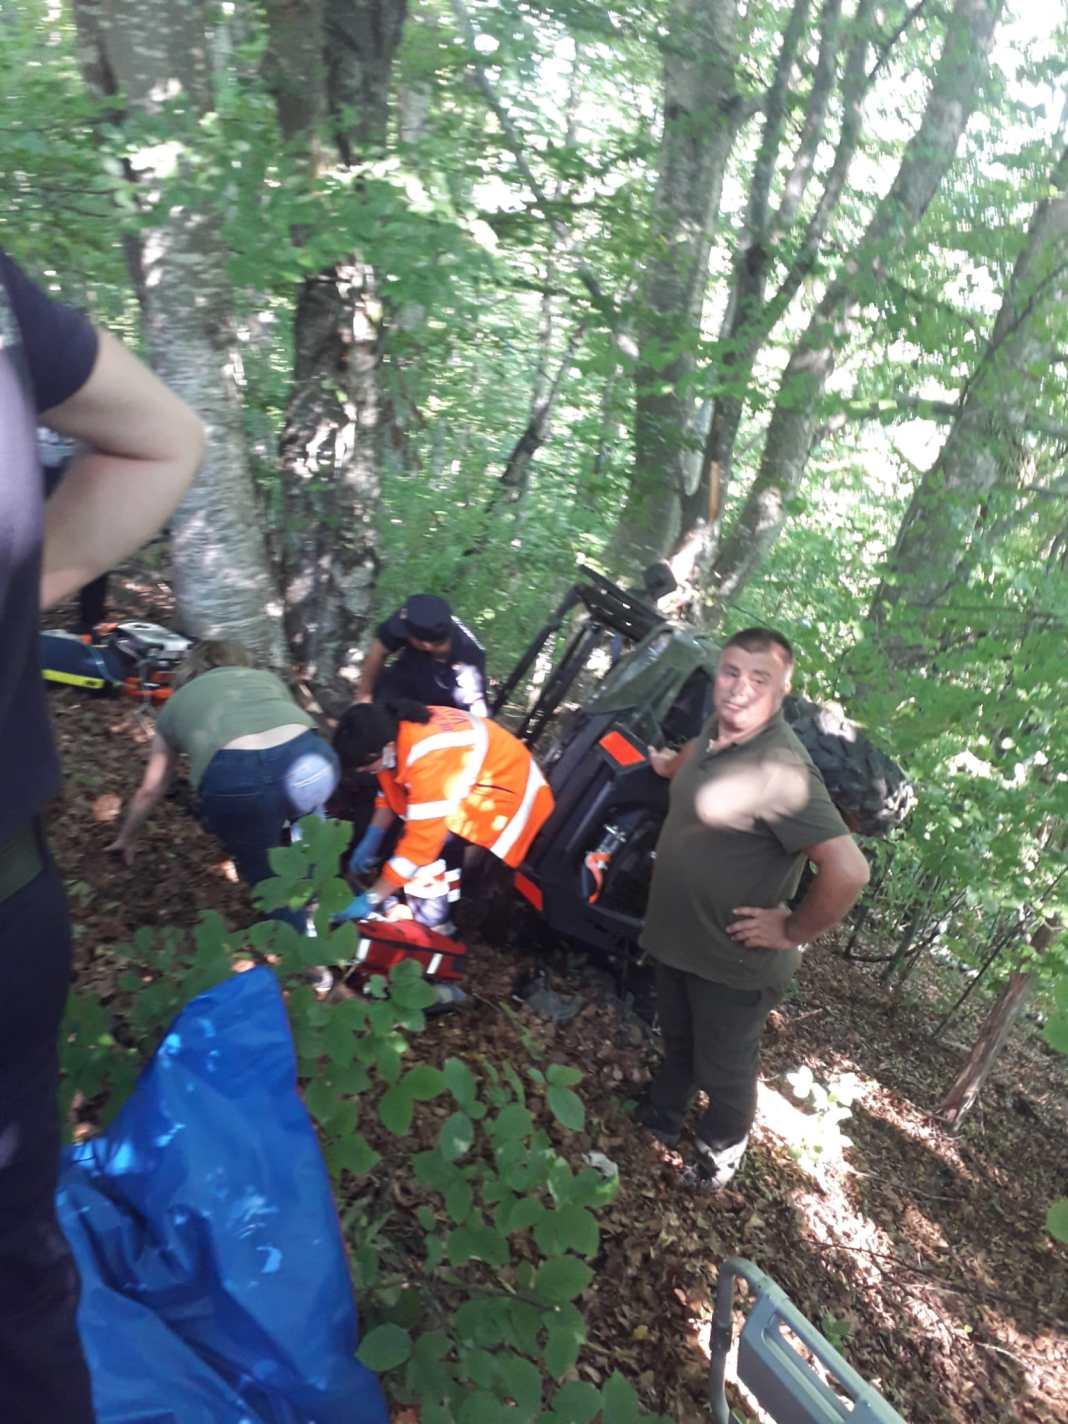 A fost salvat după ce s-a răsturnat cu ATV-ul într-o râpă